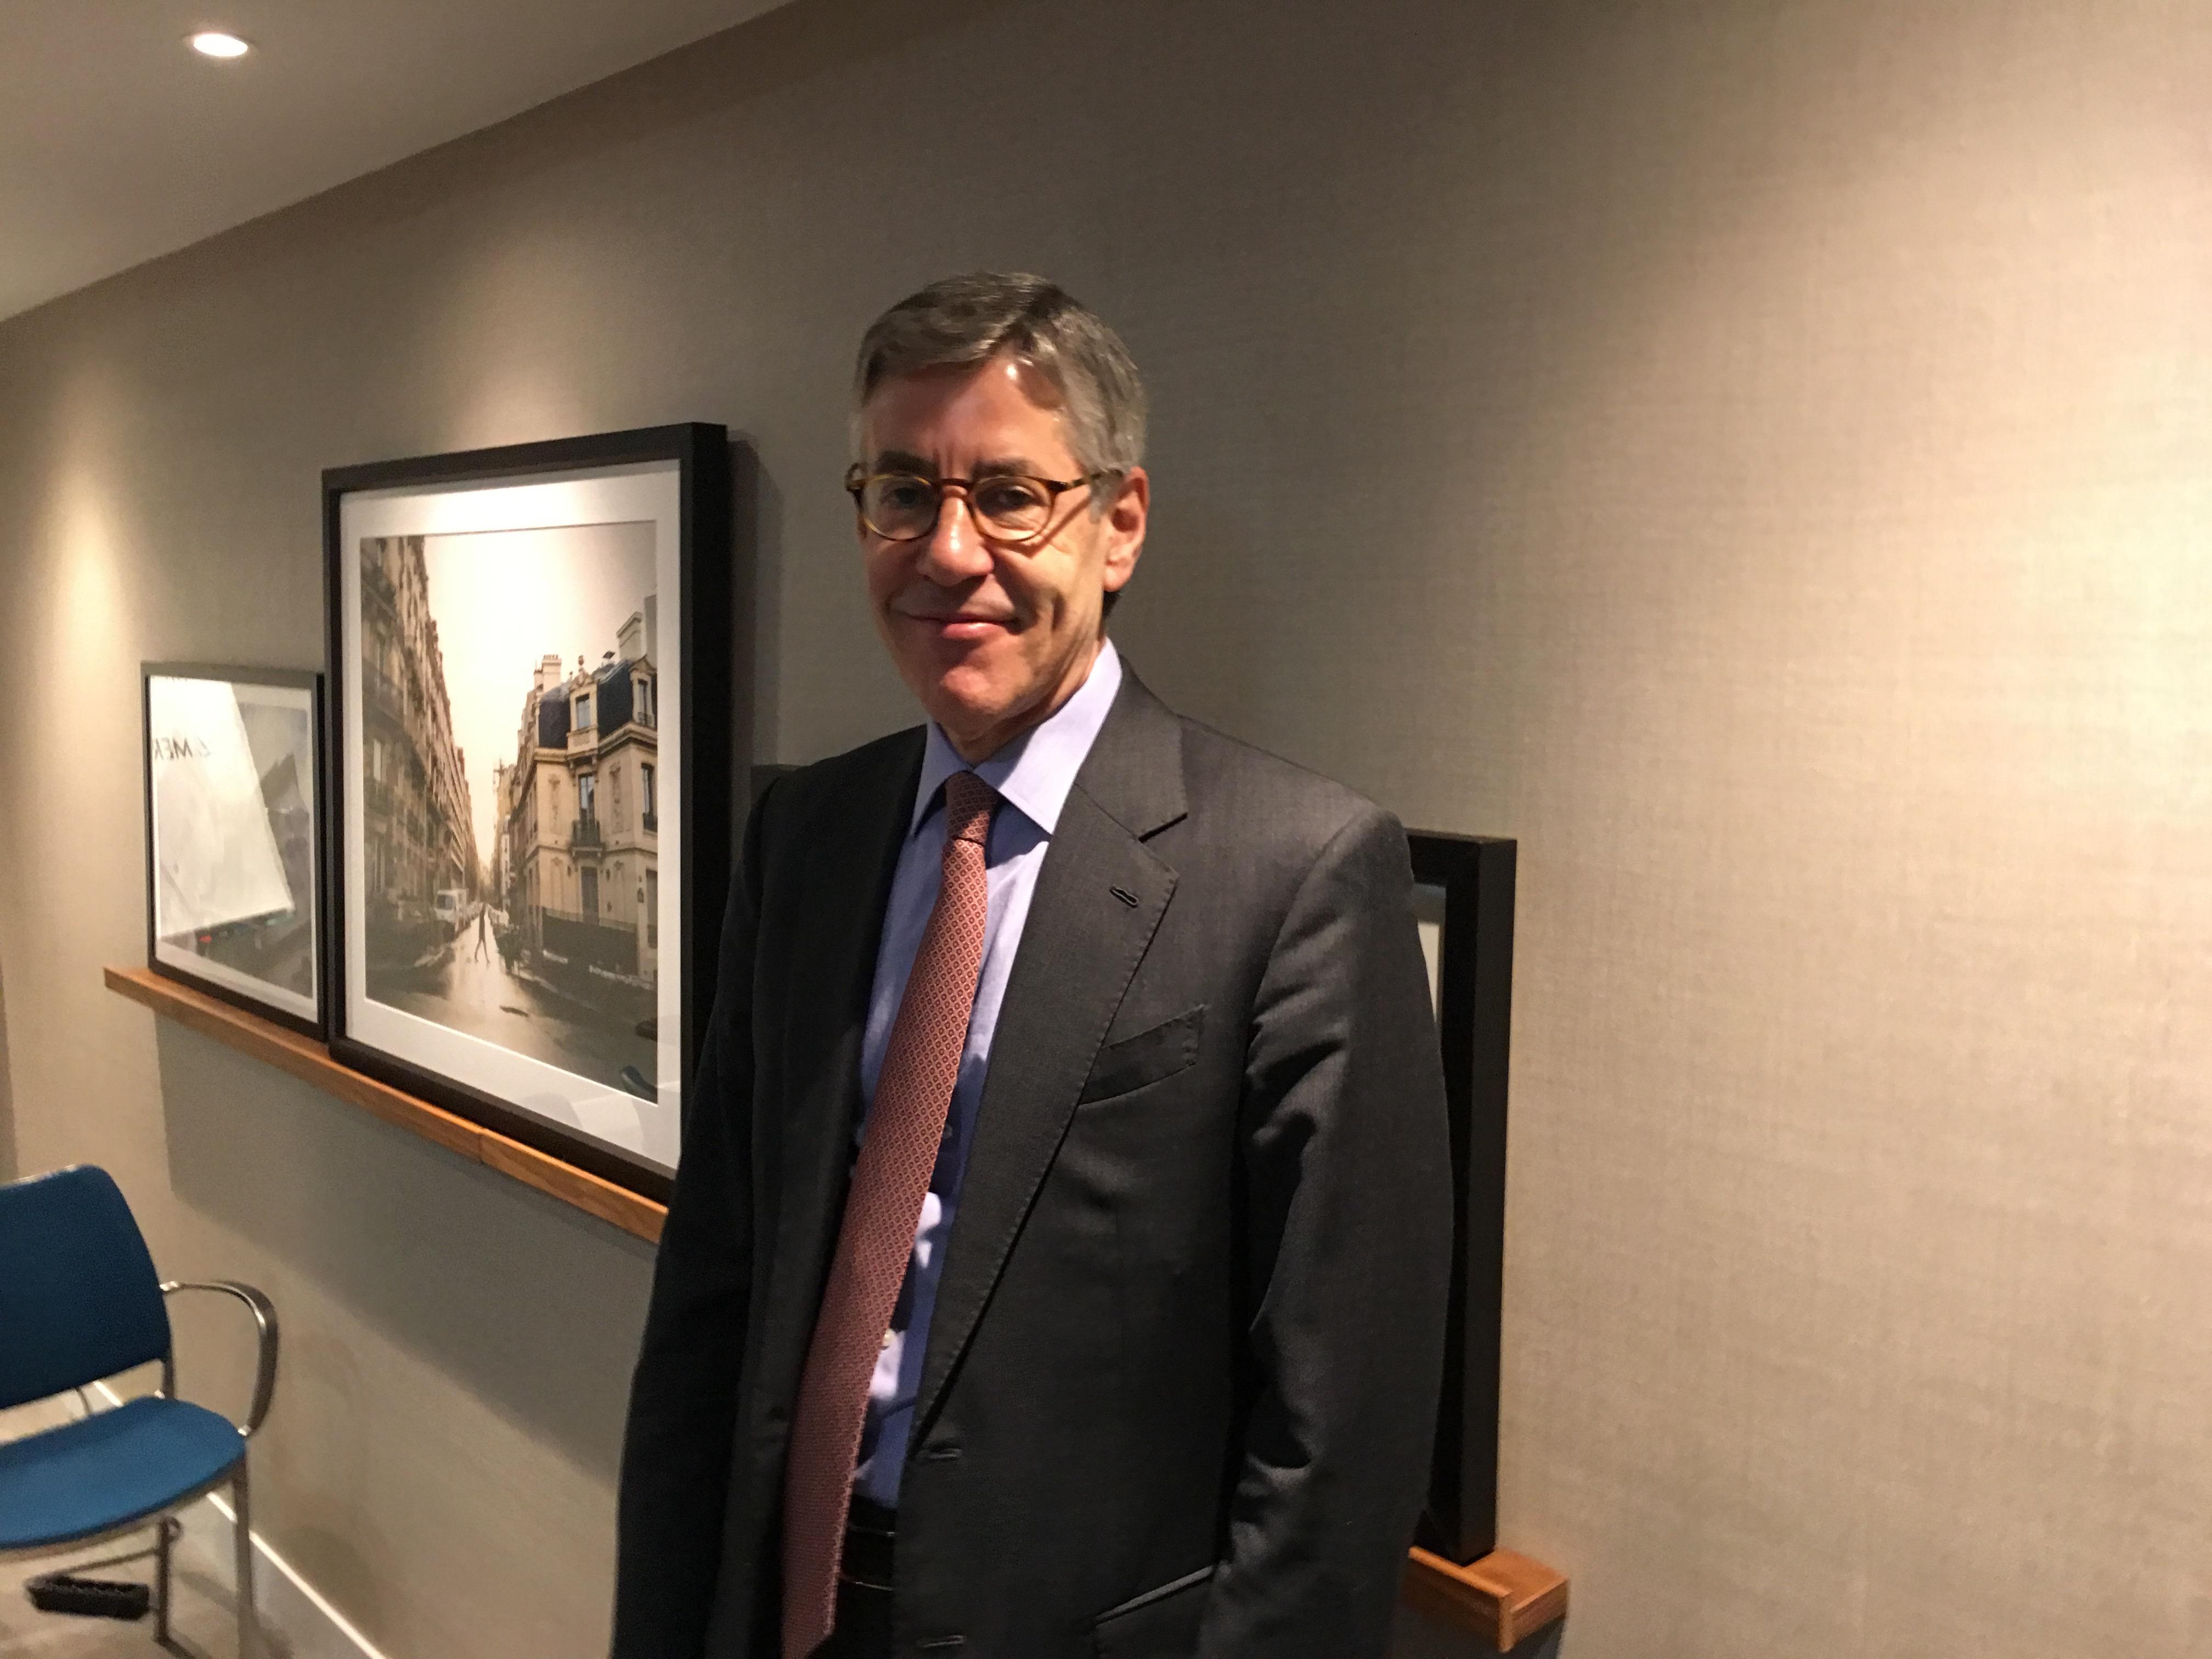 Philip Burchard, PDG de Merz Aesthetics